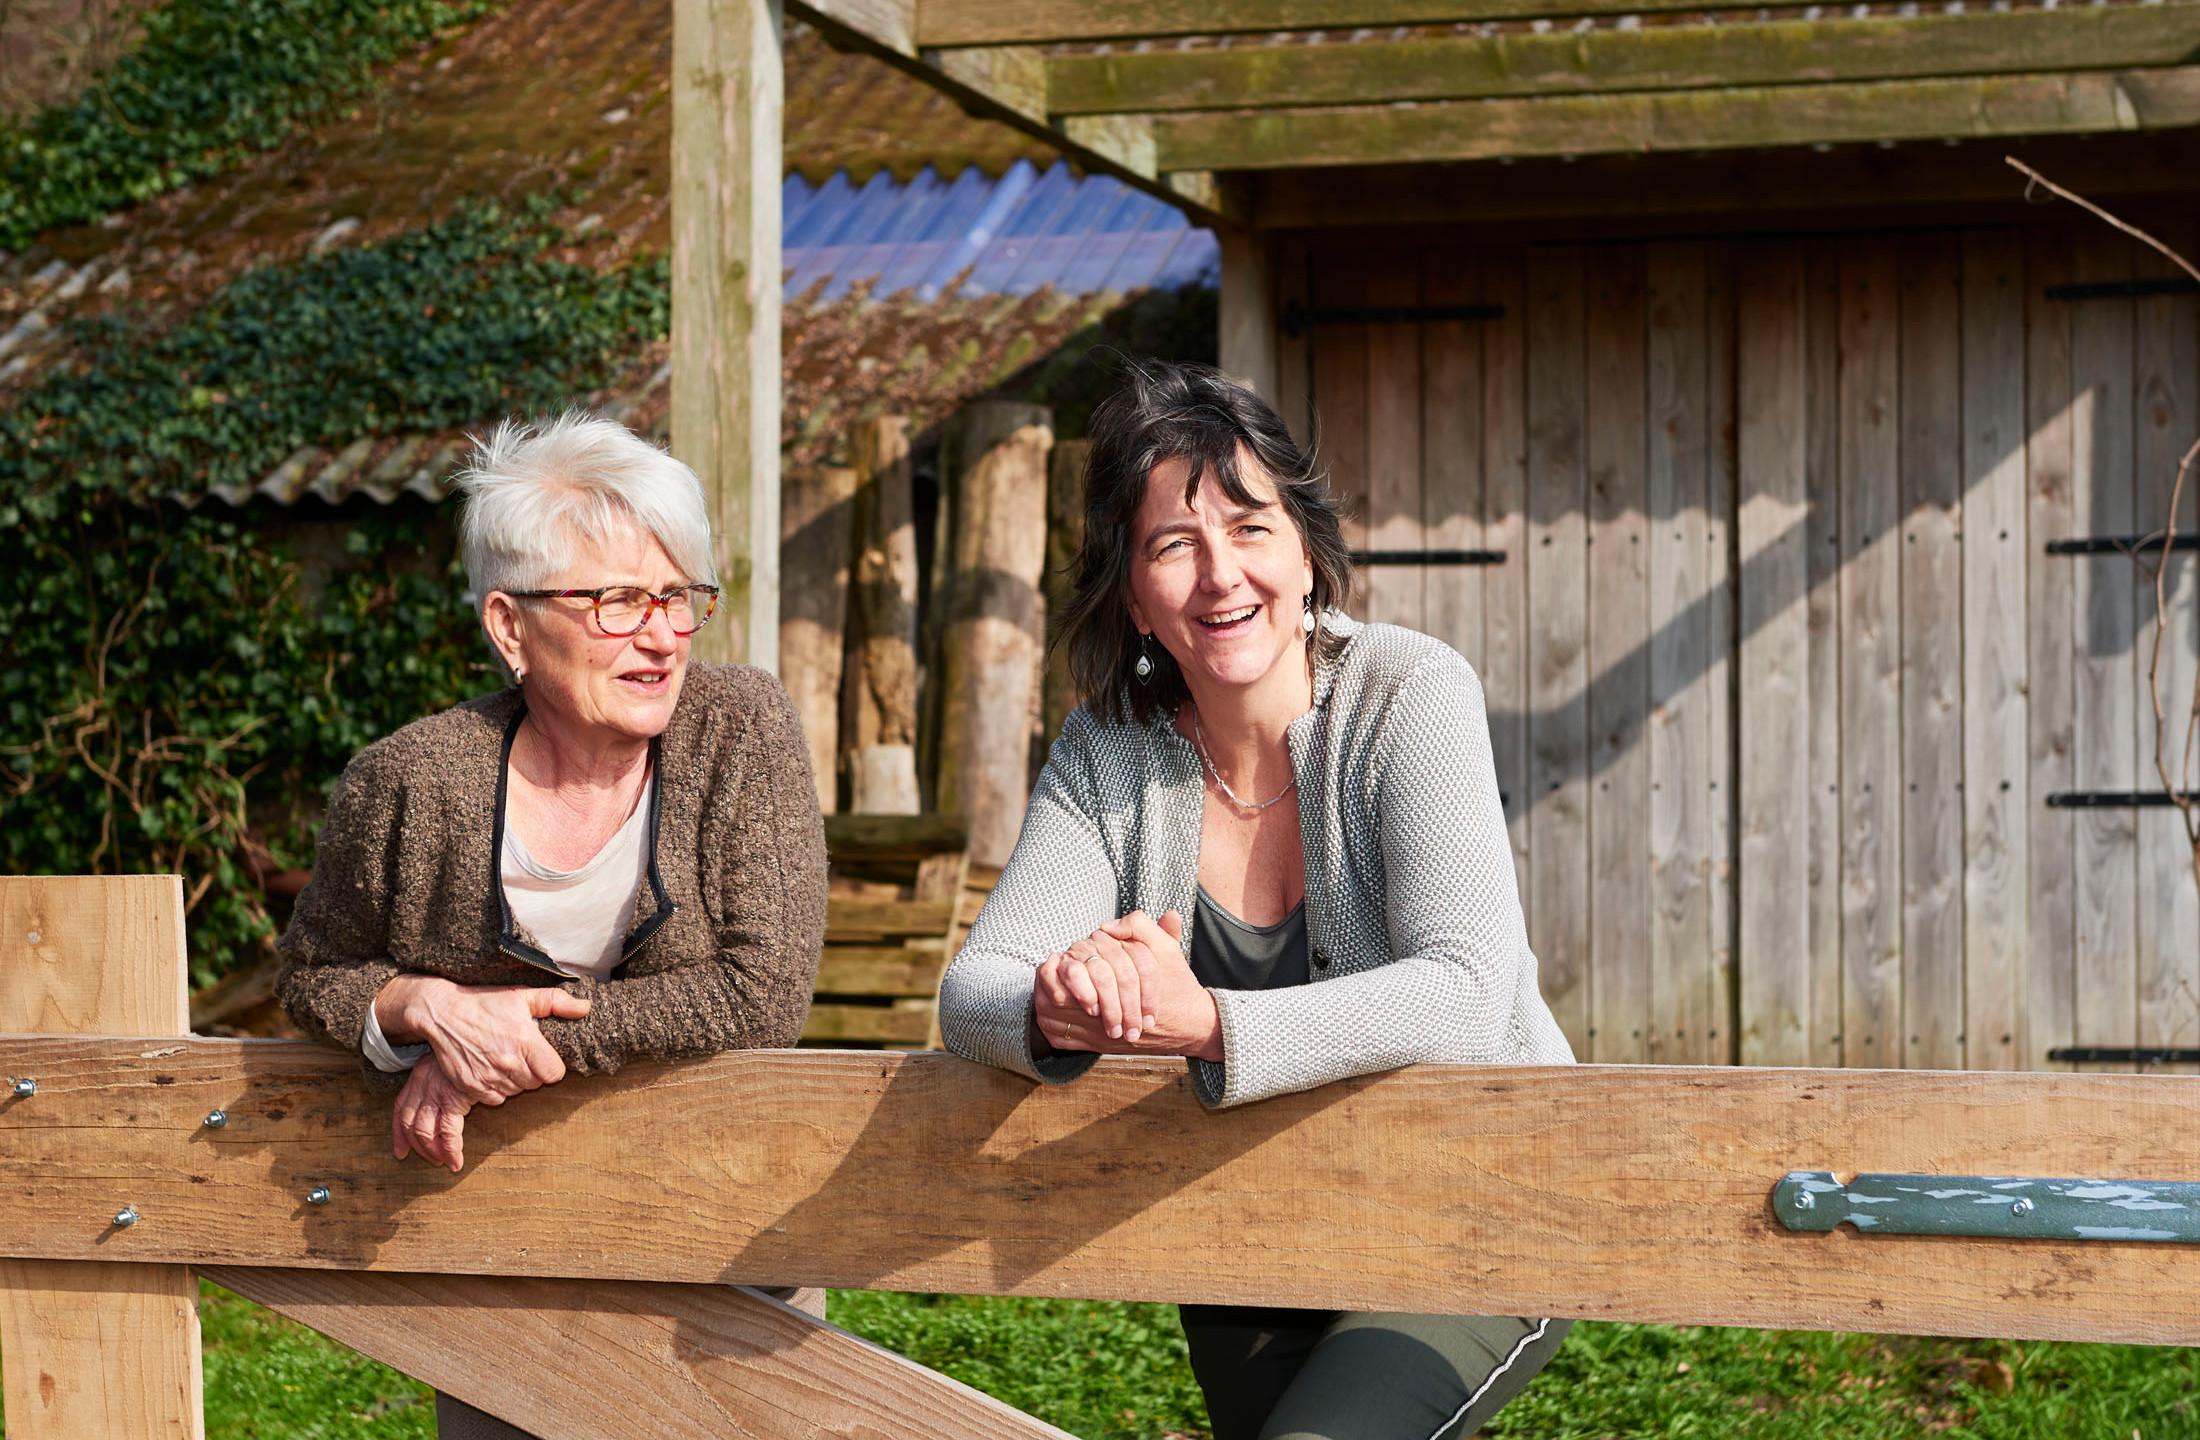 Ria en Paulien van BoerenVragen genieten van het najaarszonnetje